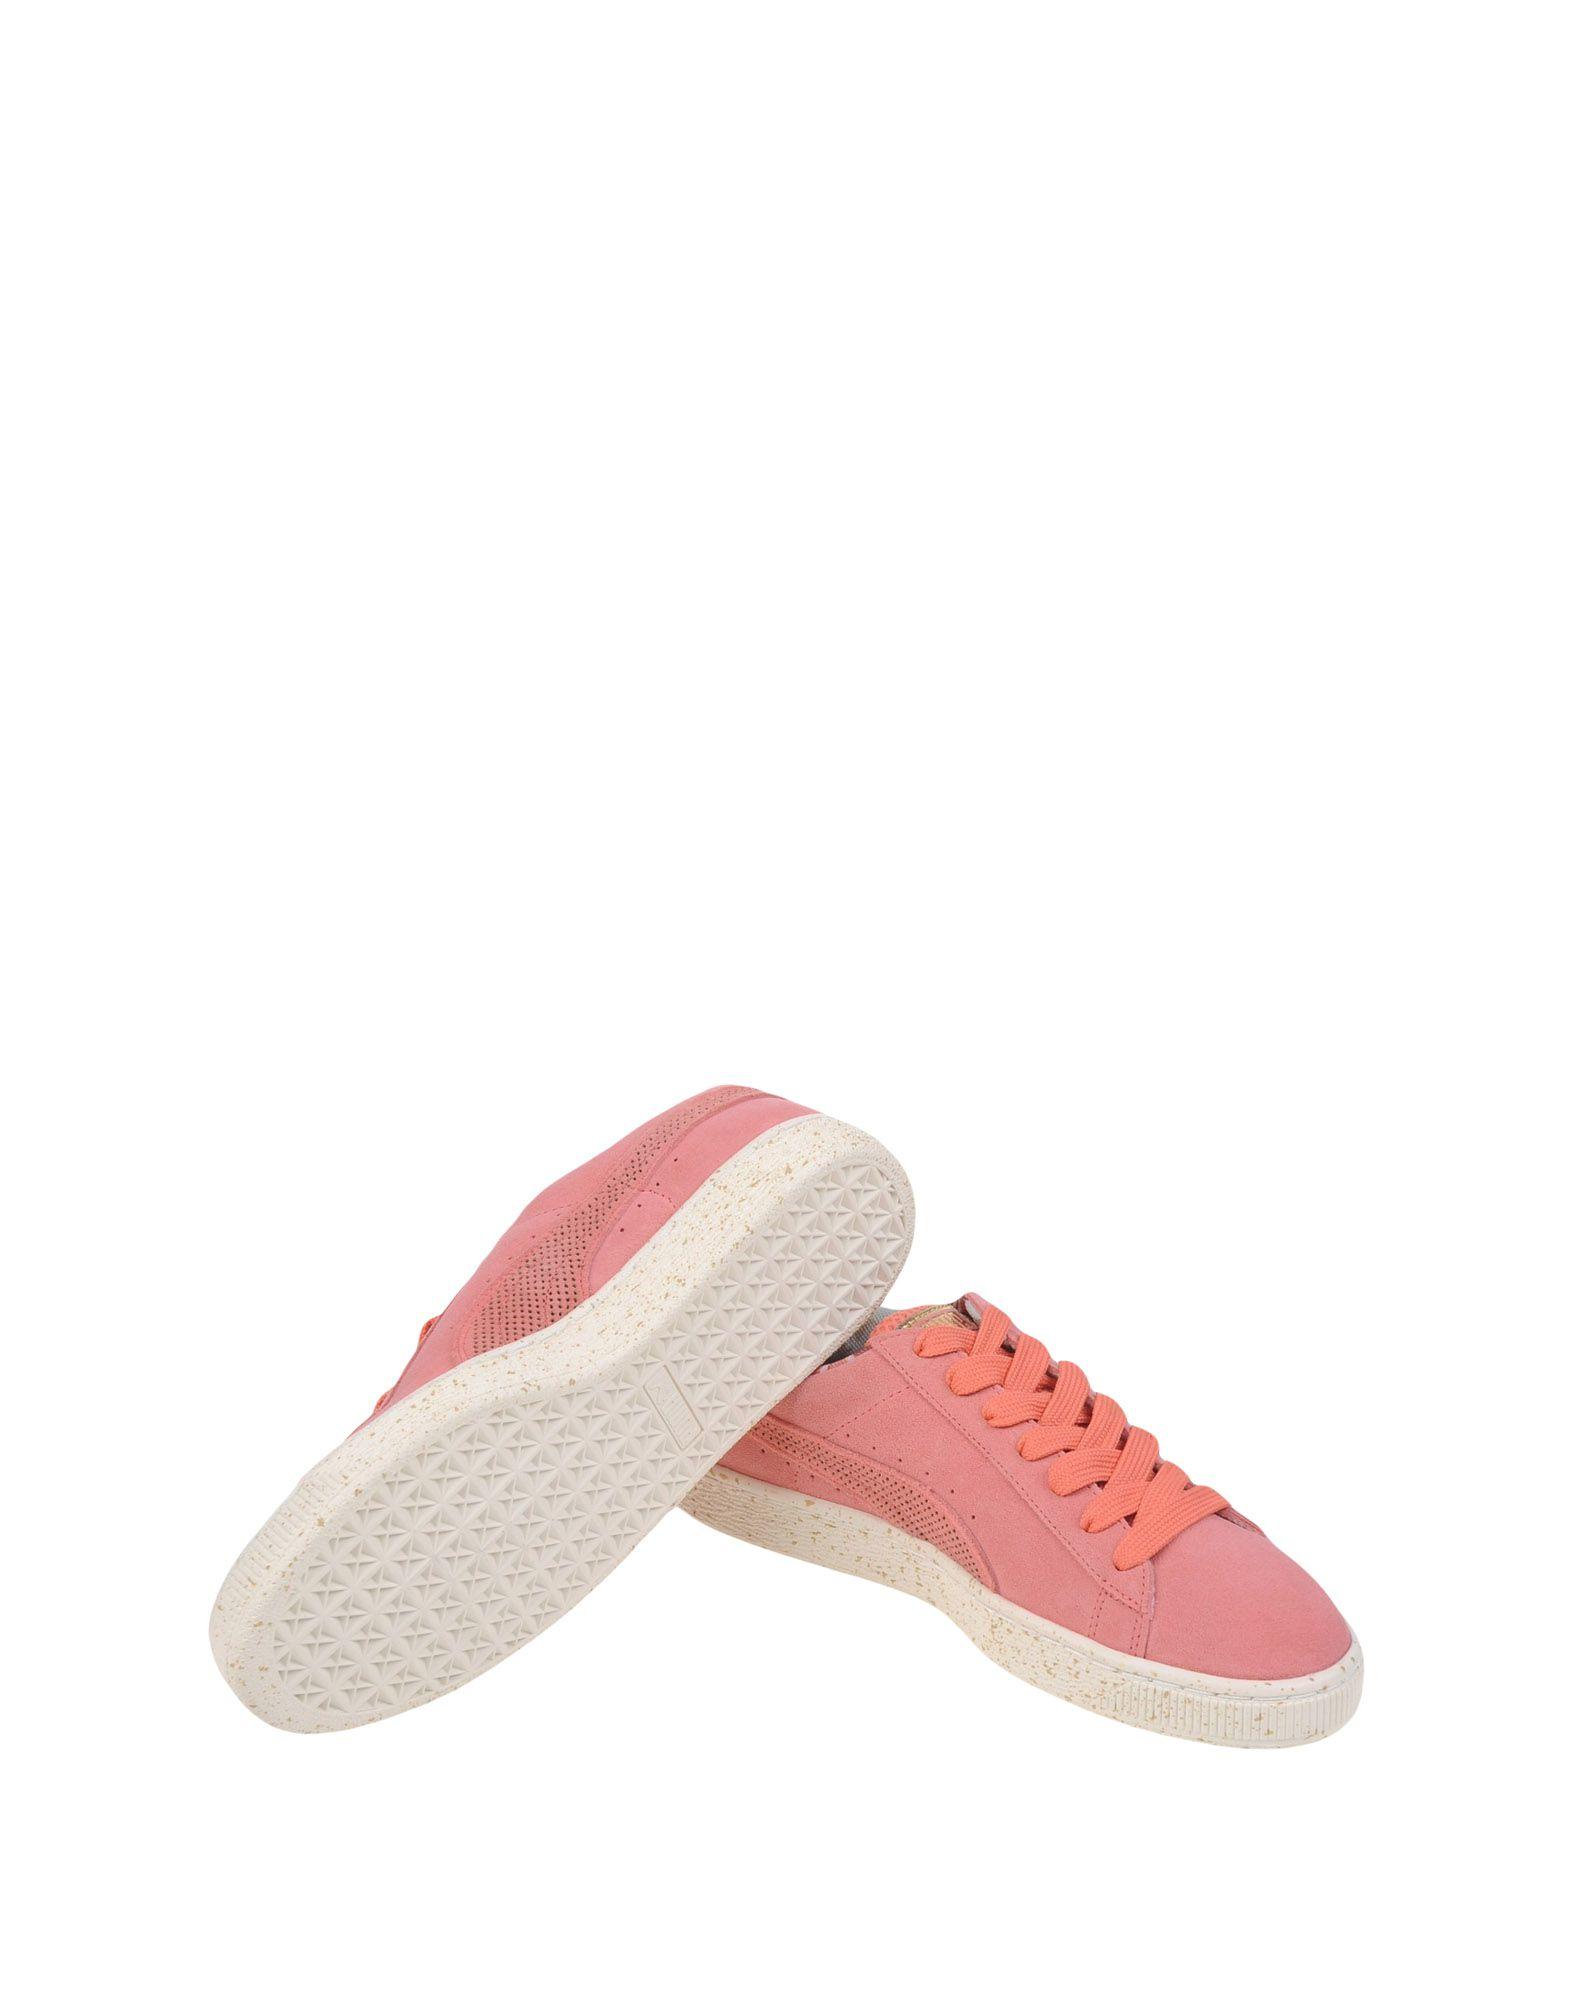 Sneakers Puma X Careaux Suede X Careaux X Rose - Femme - Sneakers Puma X Careaux sur